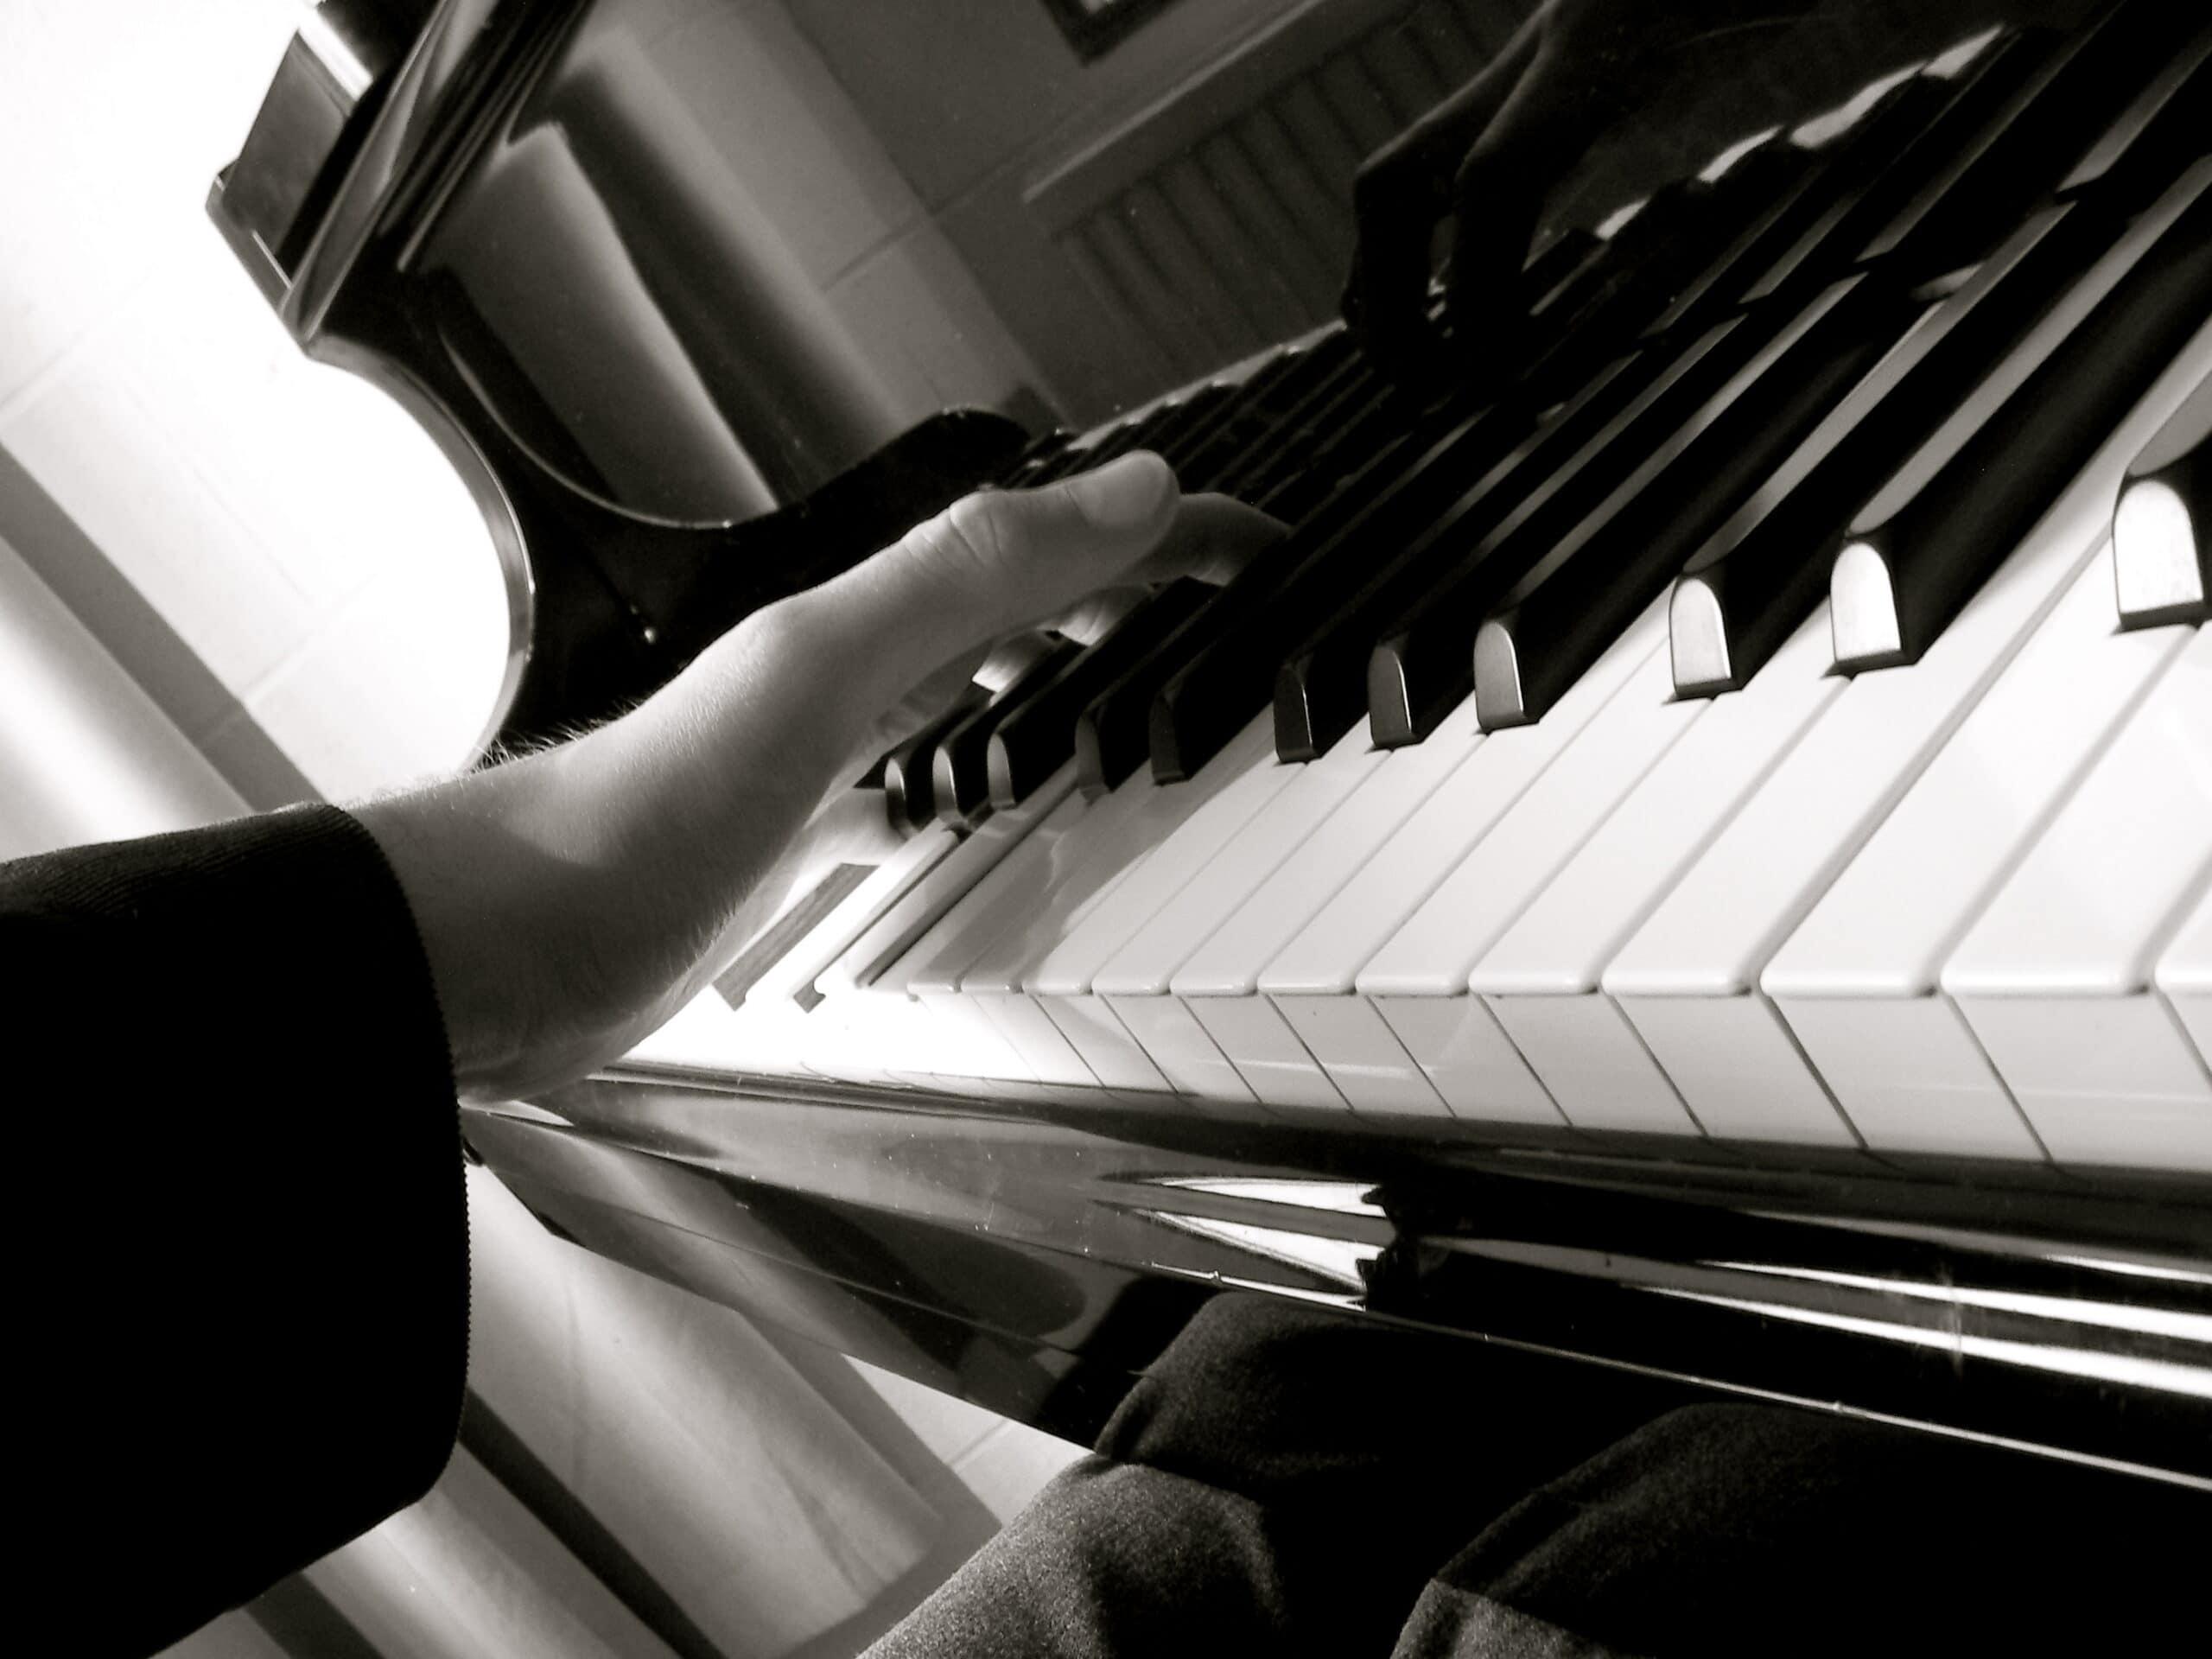 Aprender piano gratis - Piano virtual, partituras, clases y mucho más